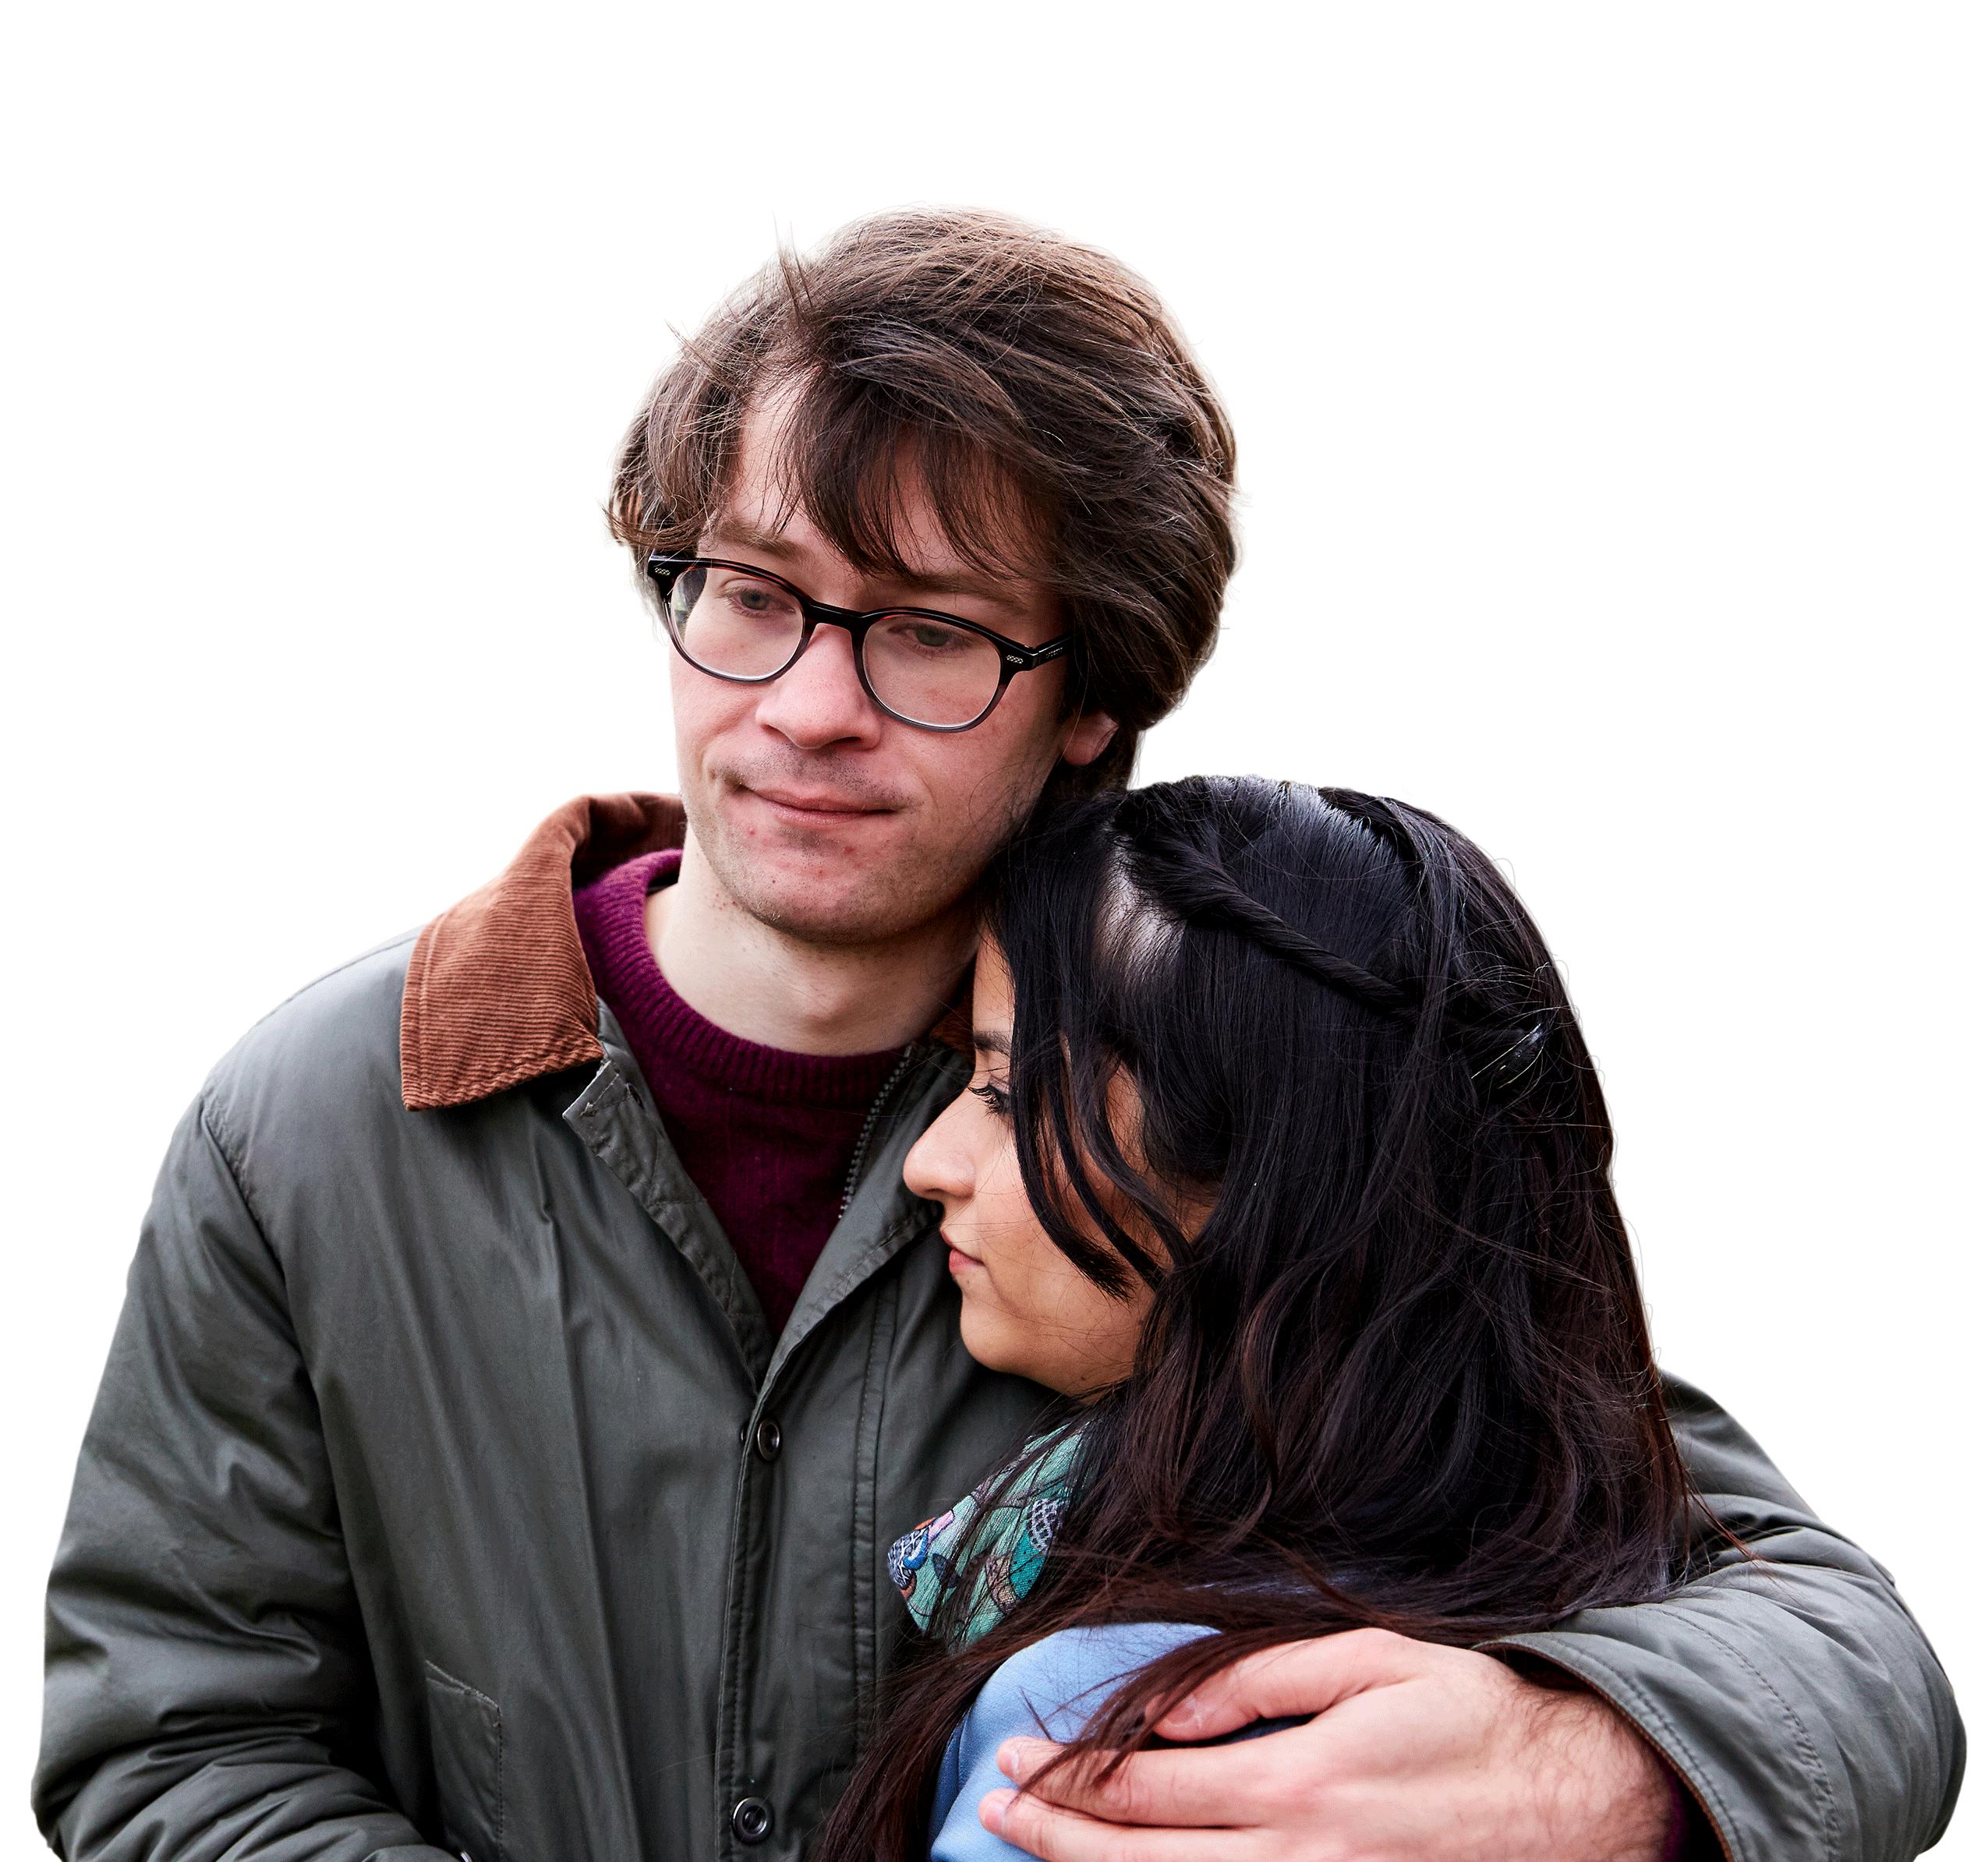 Alex Taylor hugging partner